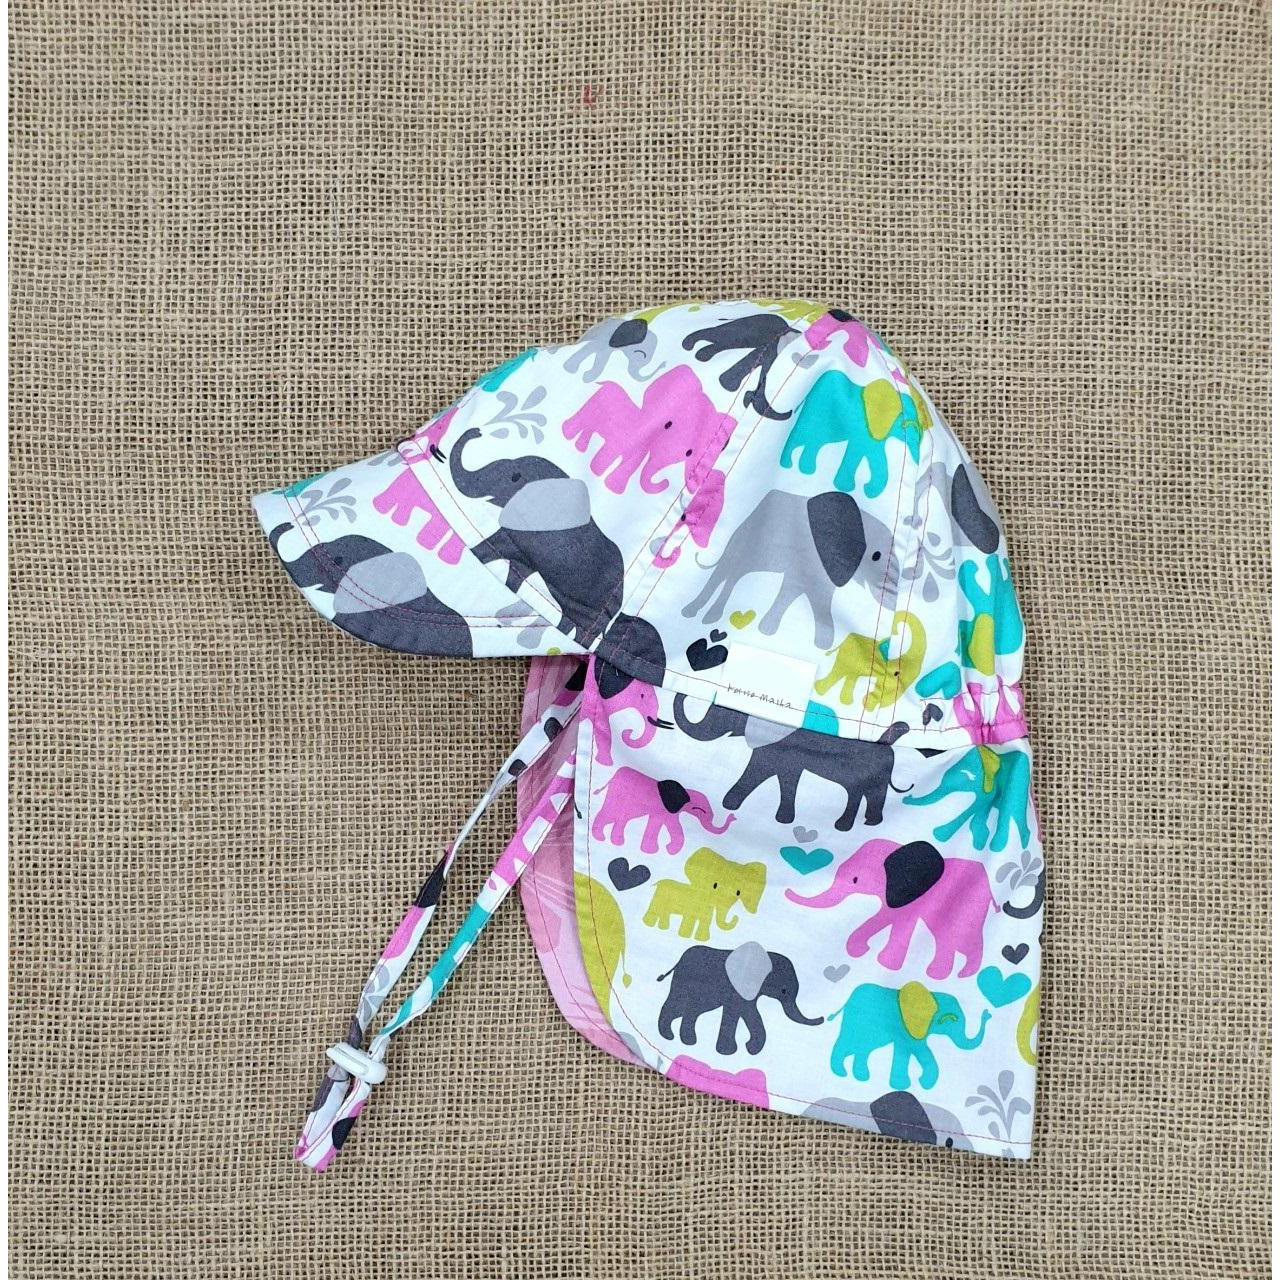 Mũ che gáy, mũ lưỡi trai có gáy kiểu Nhật cho bé gái mẫu con voi đáng yêu. Chống nắng tia UV, đi biển, dã ngoại cho bé từ 1-12 tuổi